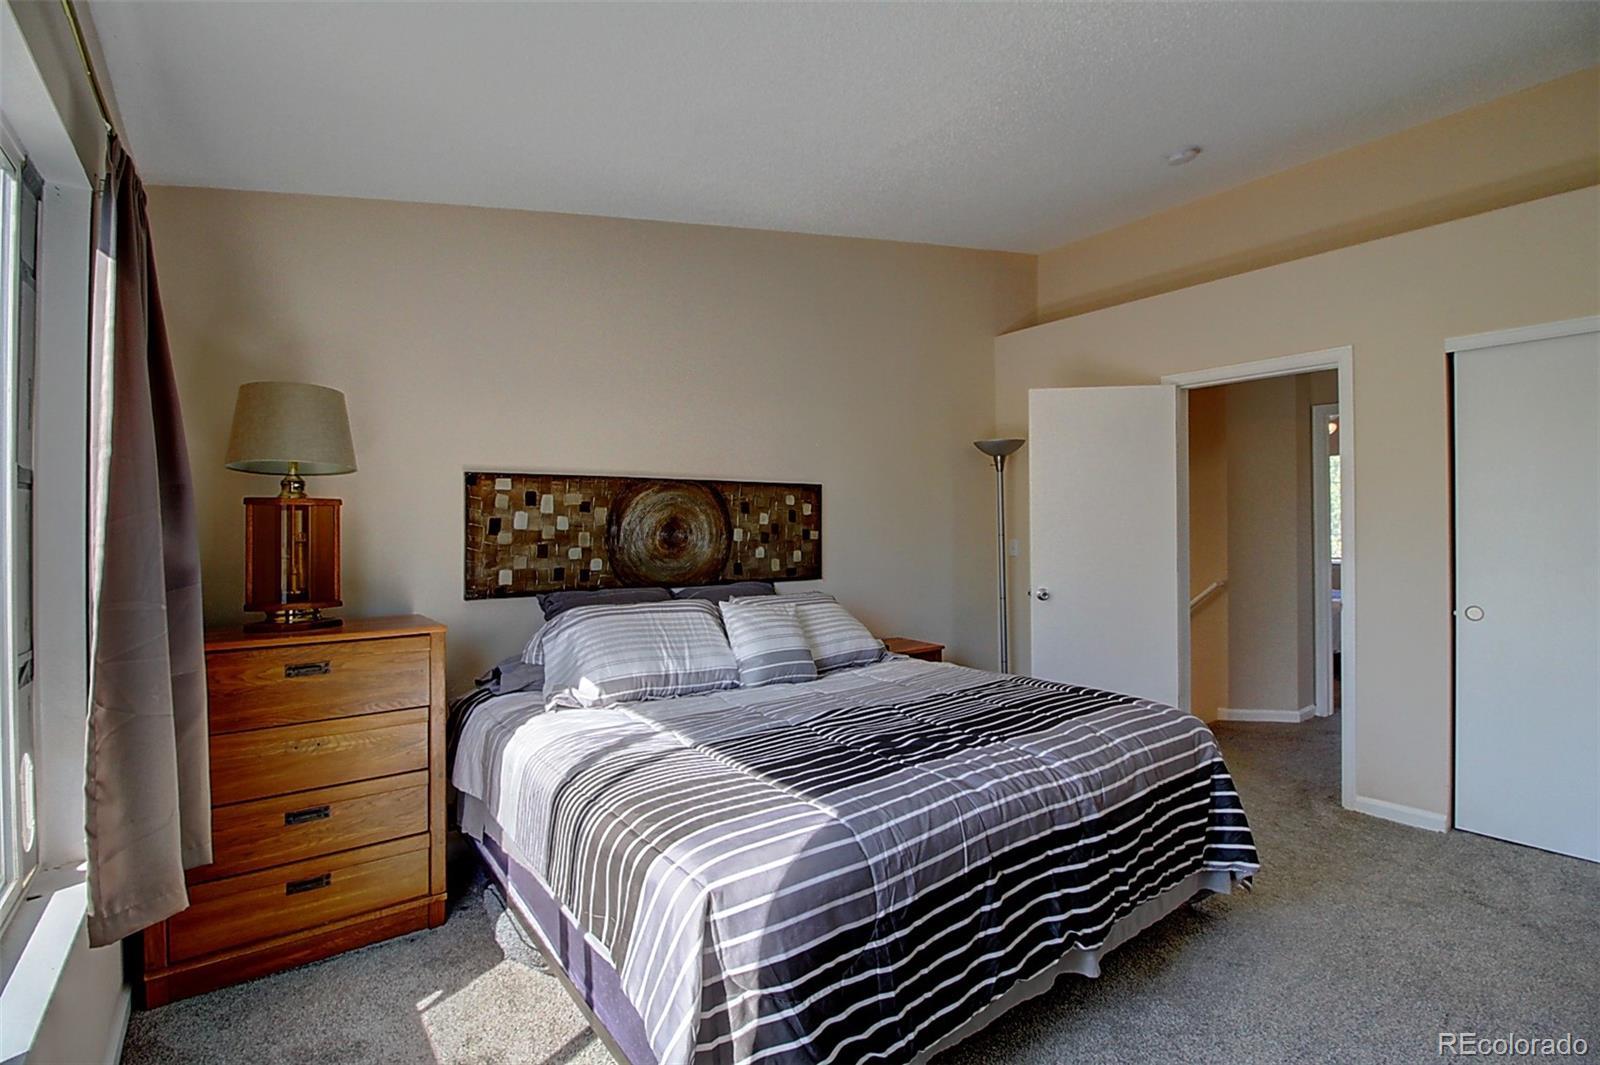 MLS# 8403615 - 20 - 3505 Larkspur Drive, Longmont, CO 80503